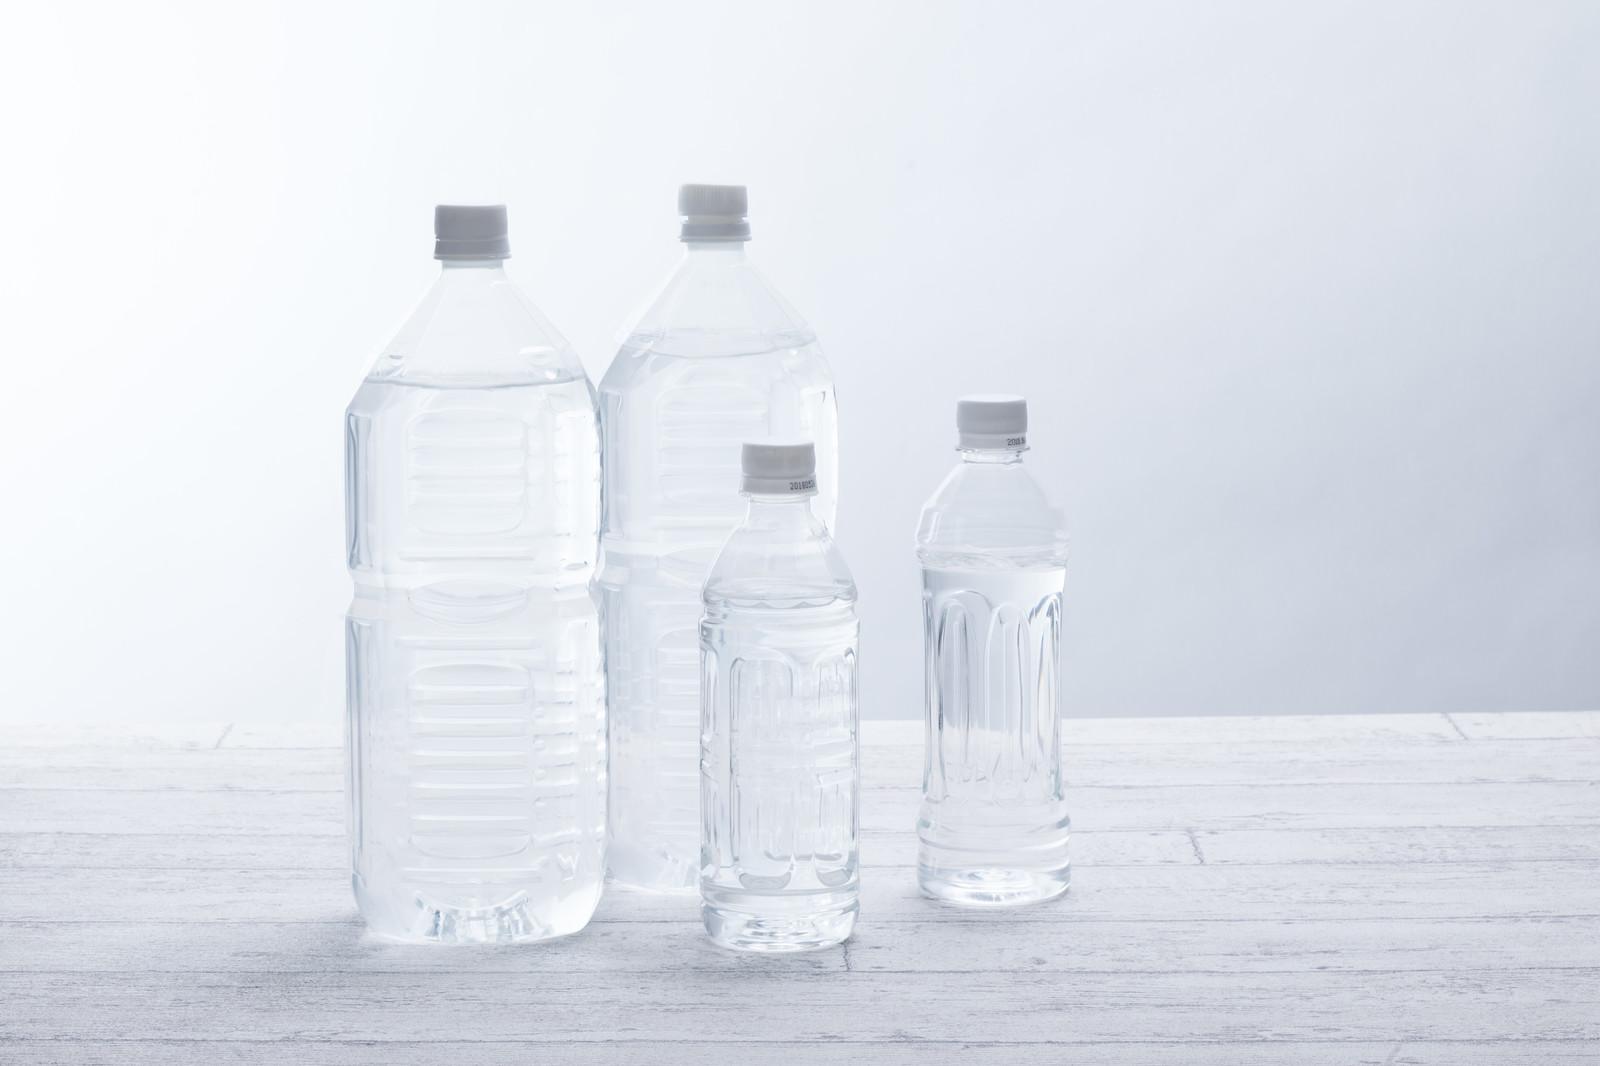 むくみは体に水分が蓄積されているから